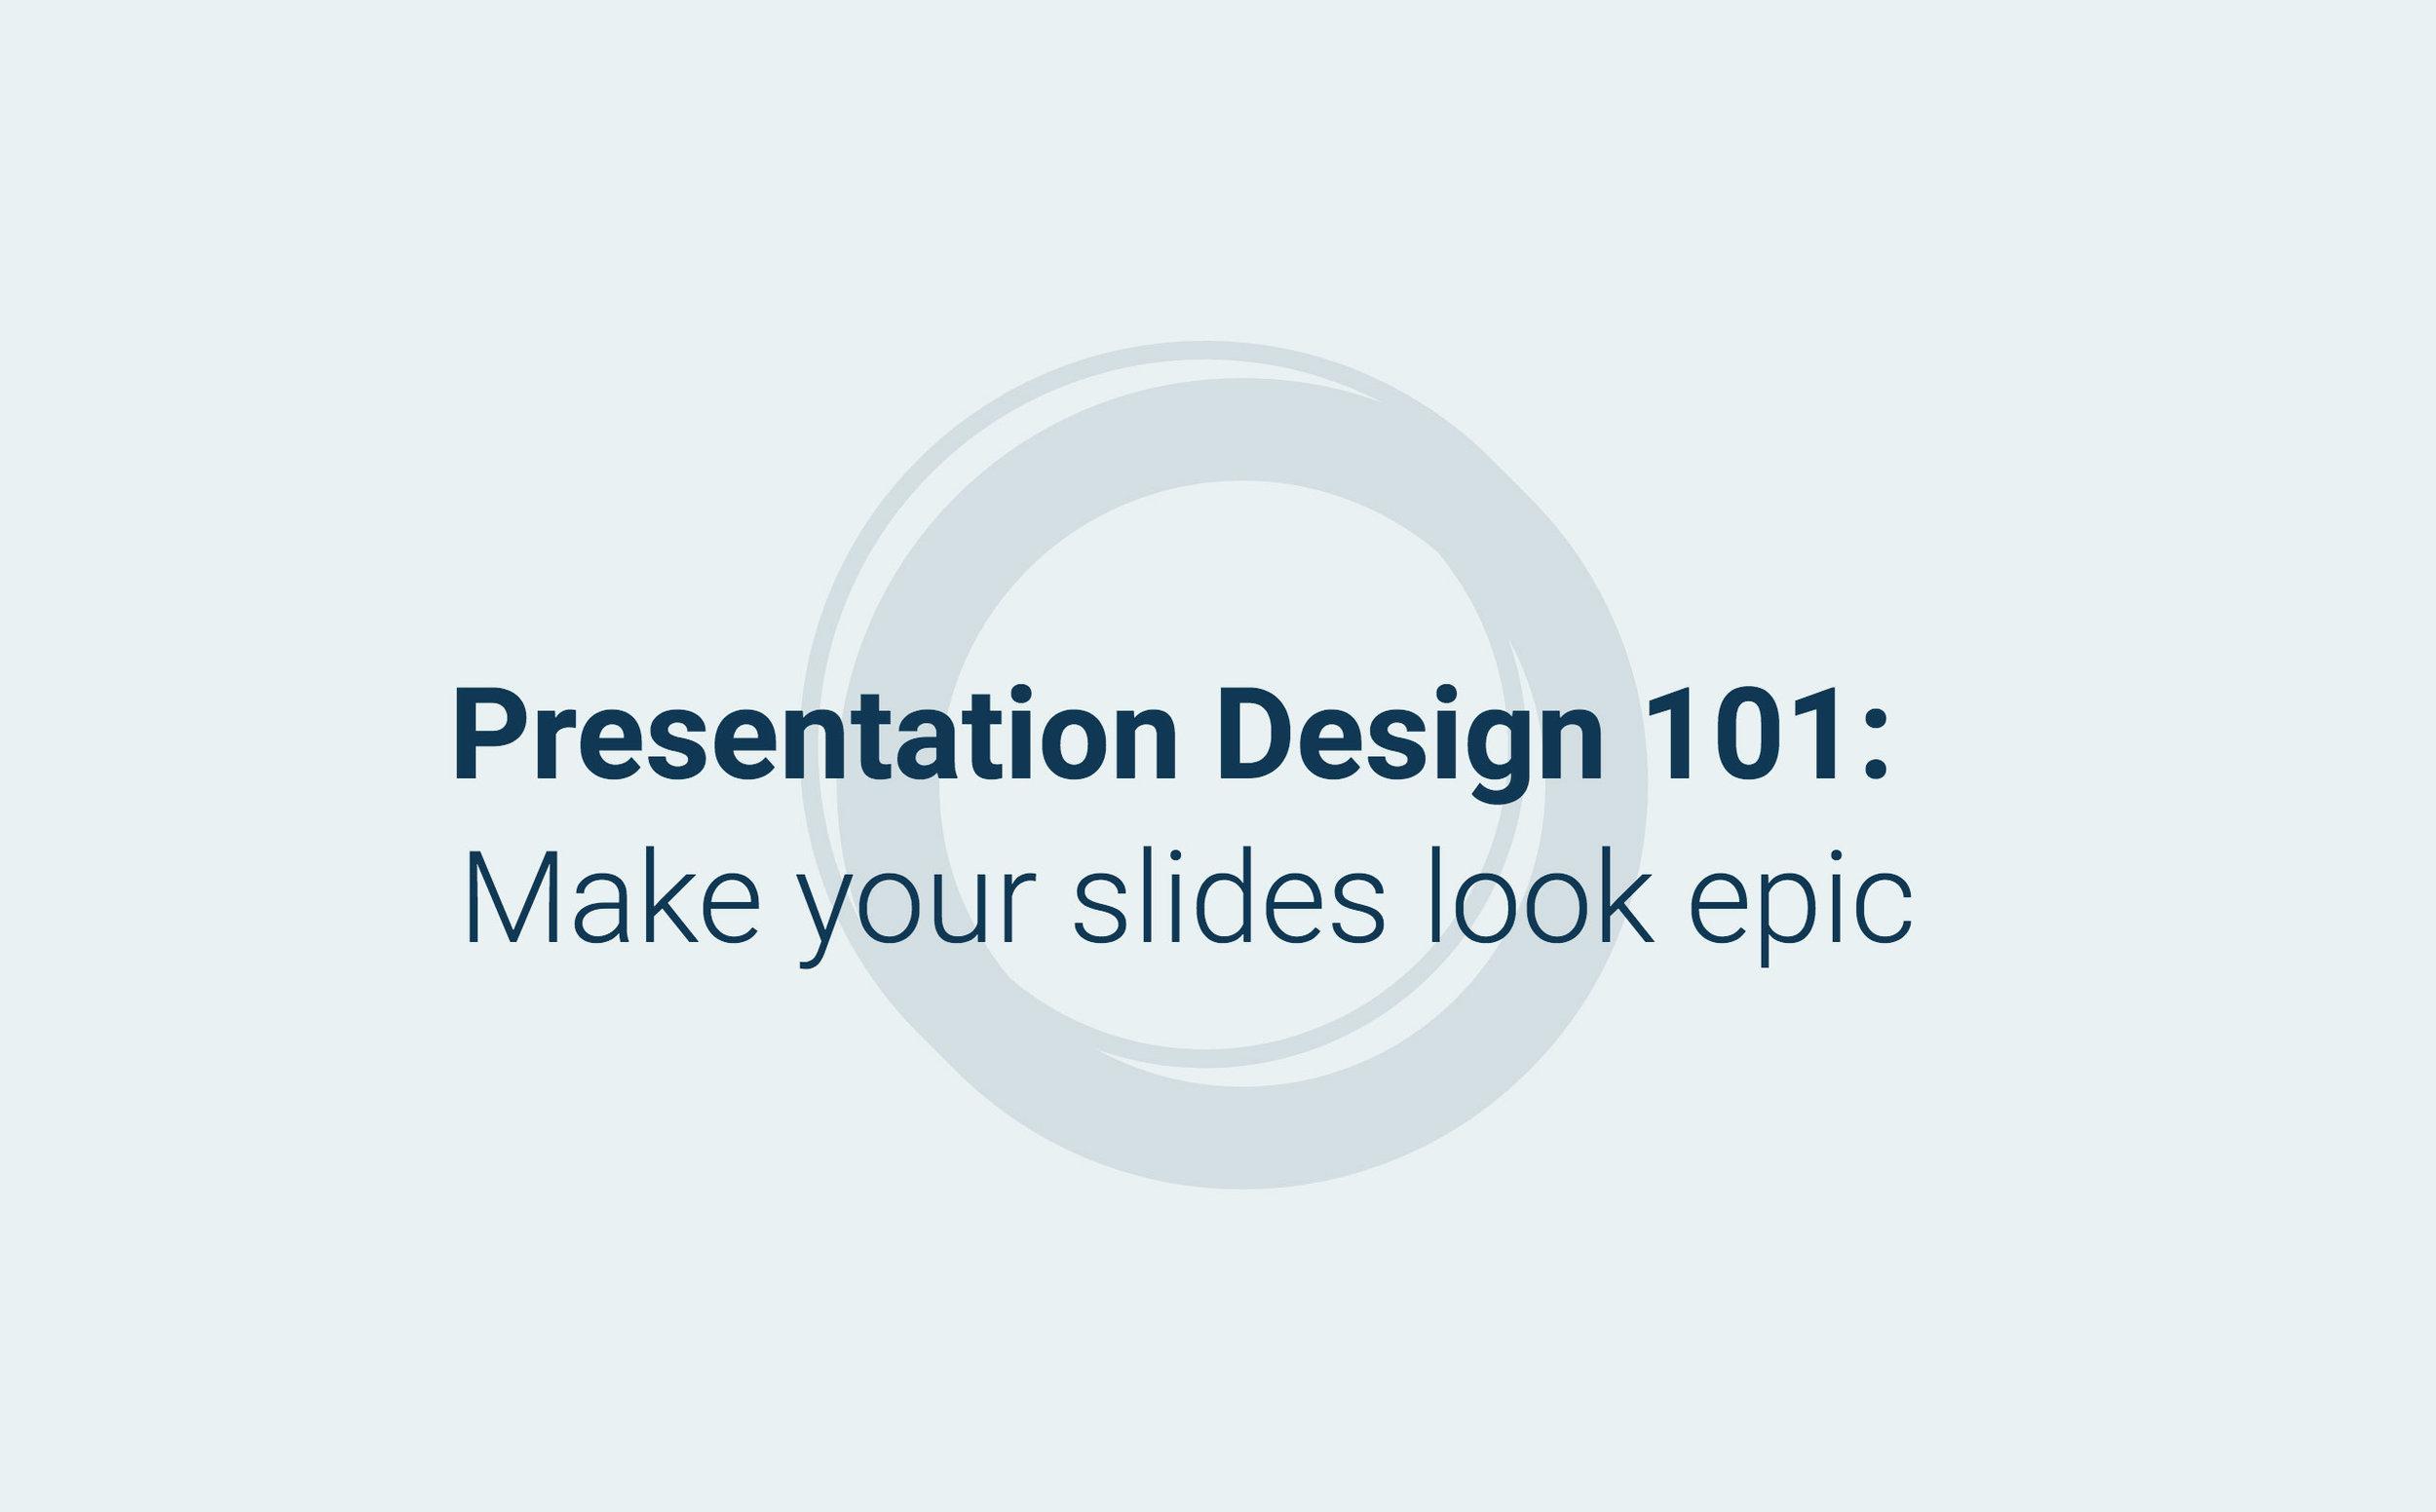 Diseño de presentaciones 101